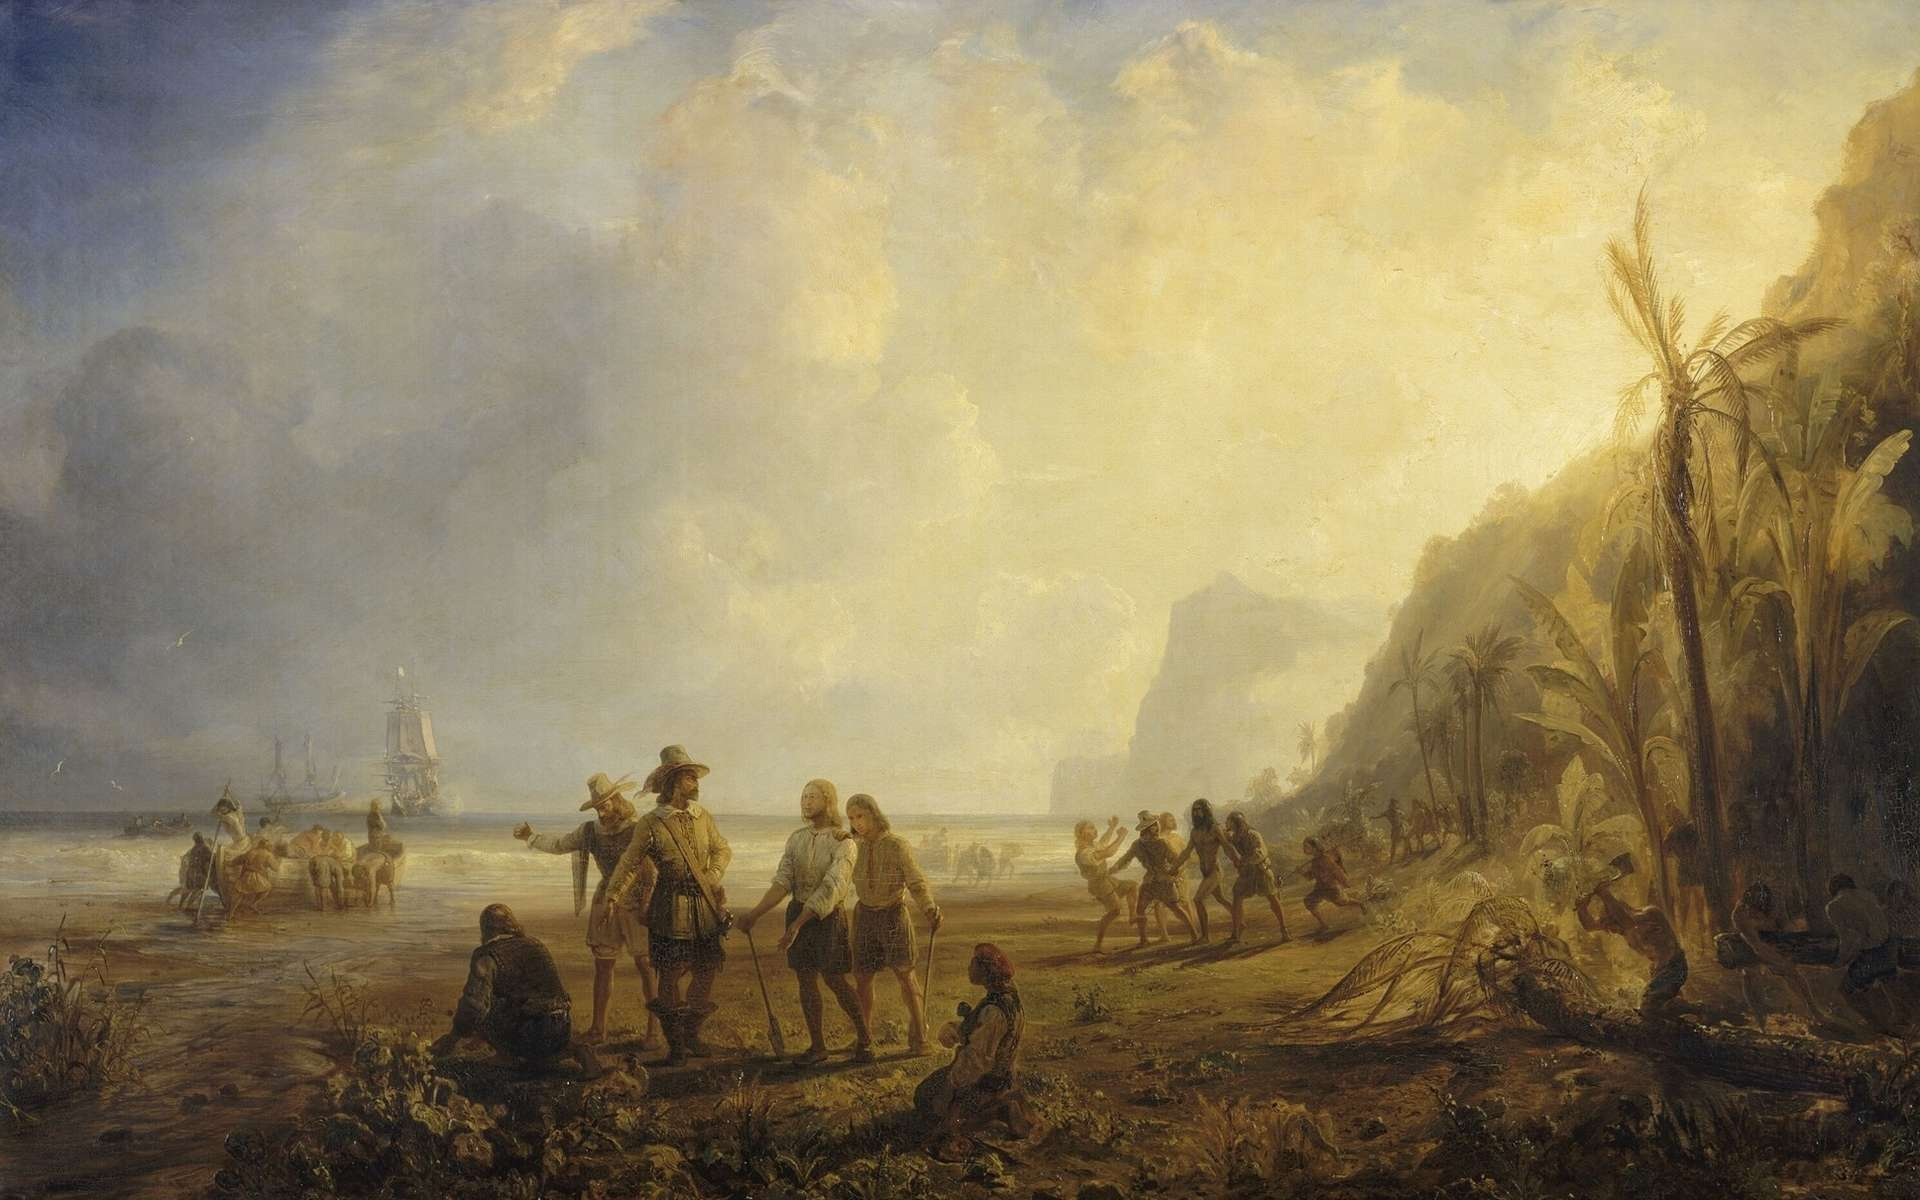 Tableau symbolisant la fondation de la Martinique par Pierre Belain d'Esnambuc en 1635, peint par Théodore Gudin, peintre officiel de la Marine. © Collections du château de Versailles, domaine public